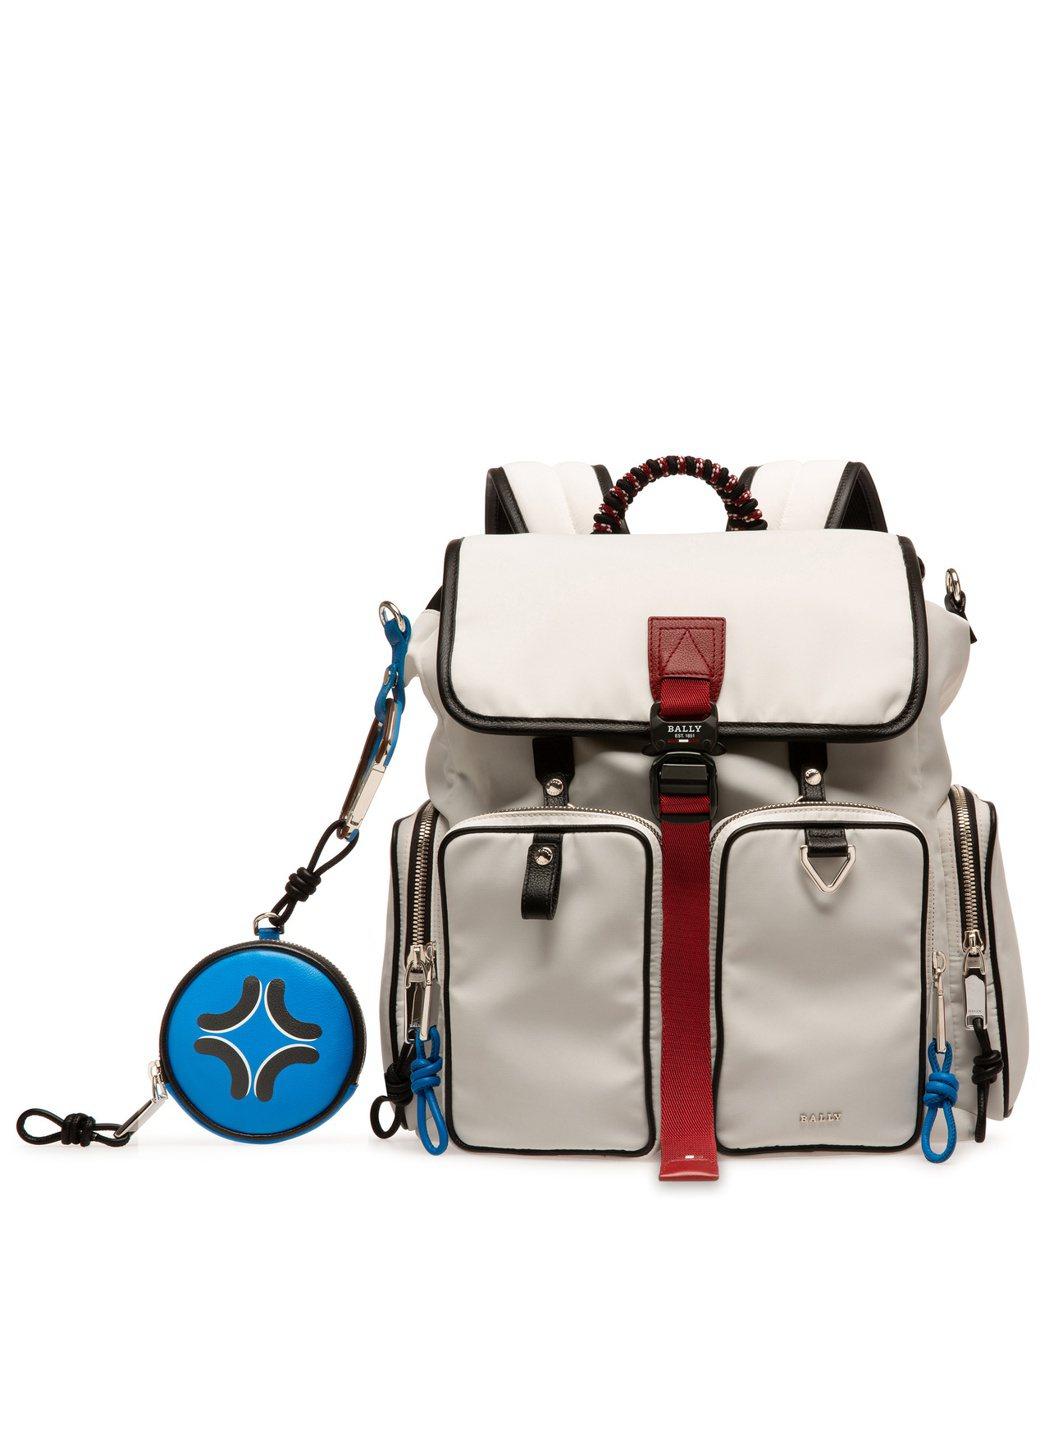 Peak Outlook環保材質白色後背包(附編織繩鑰匙鍊)、前側外袋可拆卸單獨...